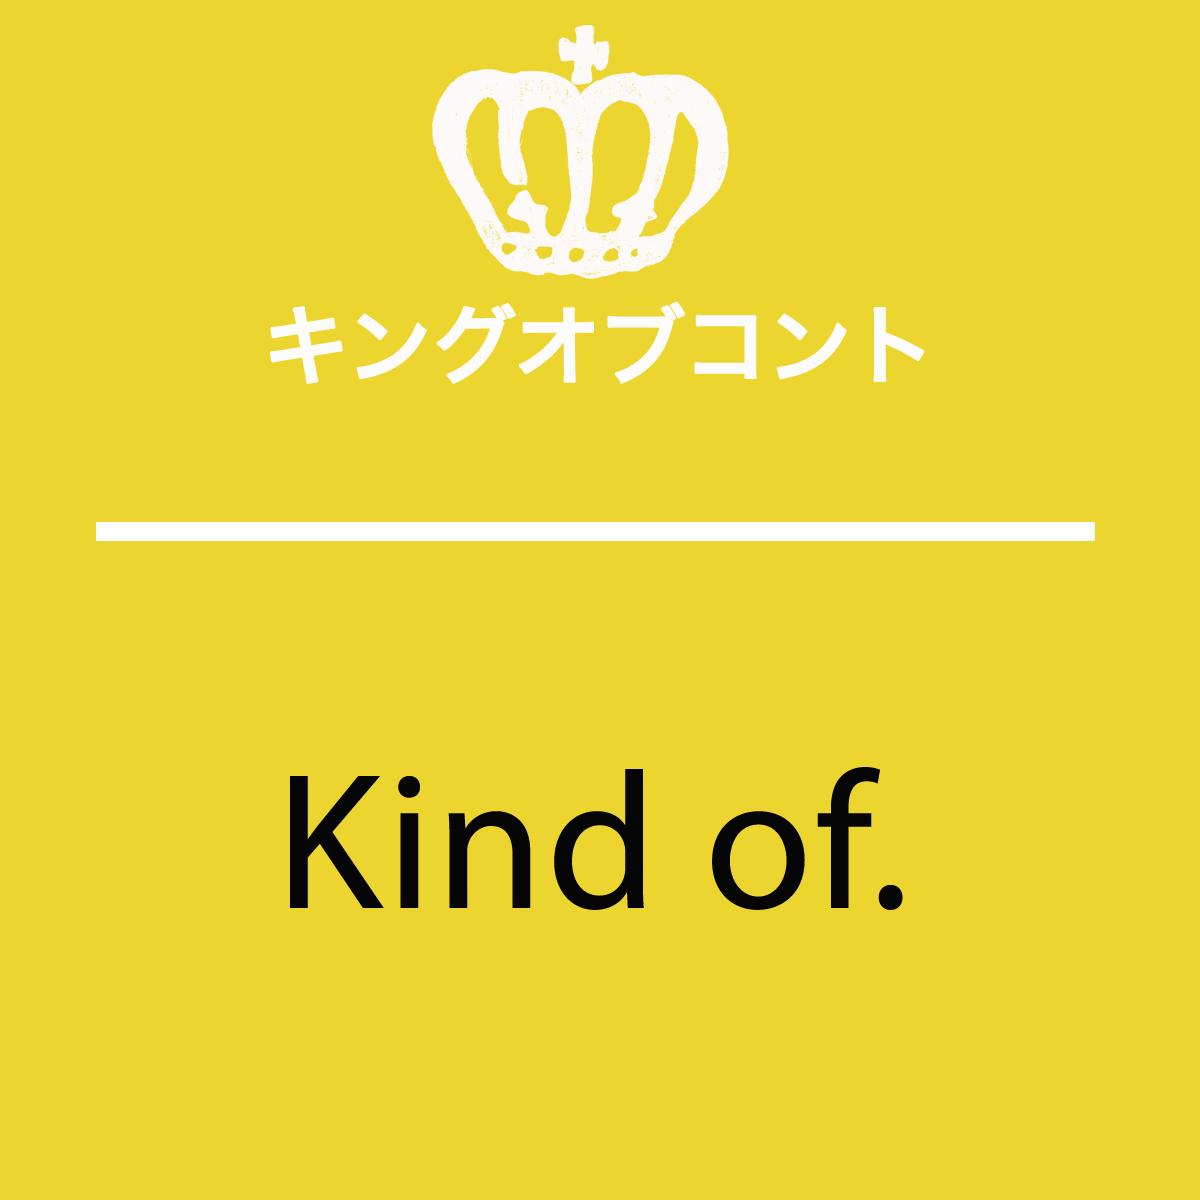 「キングオブコント」から学ぶ→Kind of.